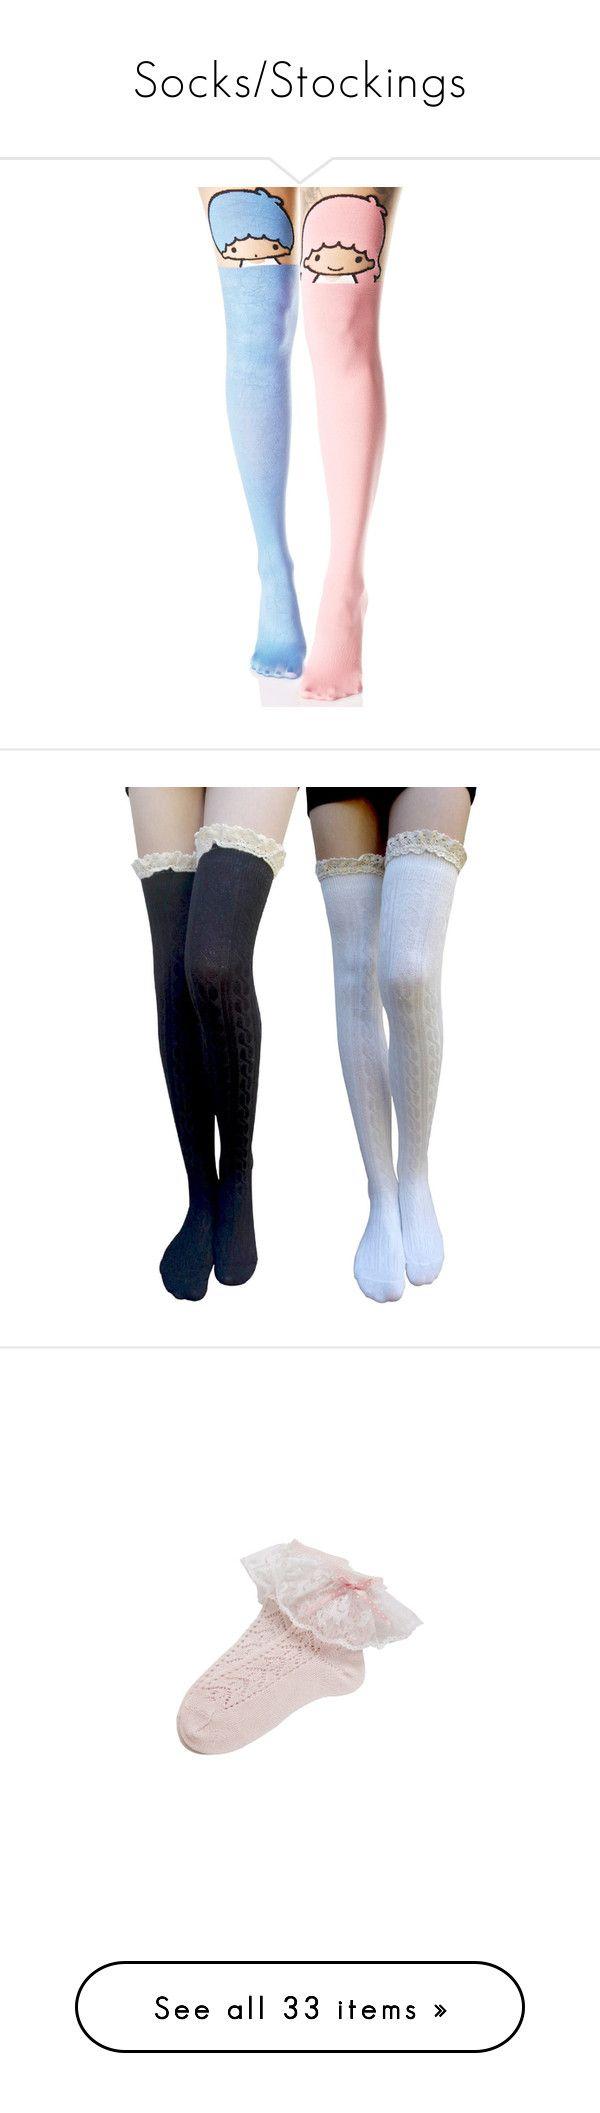 """""""Socks/Stockings"""" by animekitten101 ❤ liked on Polyvore featuring intimates, hosiery, tights, socks, leg avenue stockings, sheer tights, leg avenue pantyhose, leg avenue tights, transparent tights and socks/leggings"""